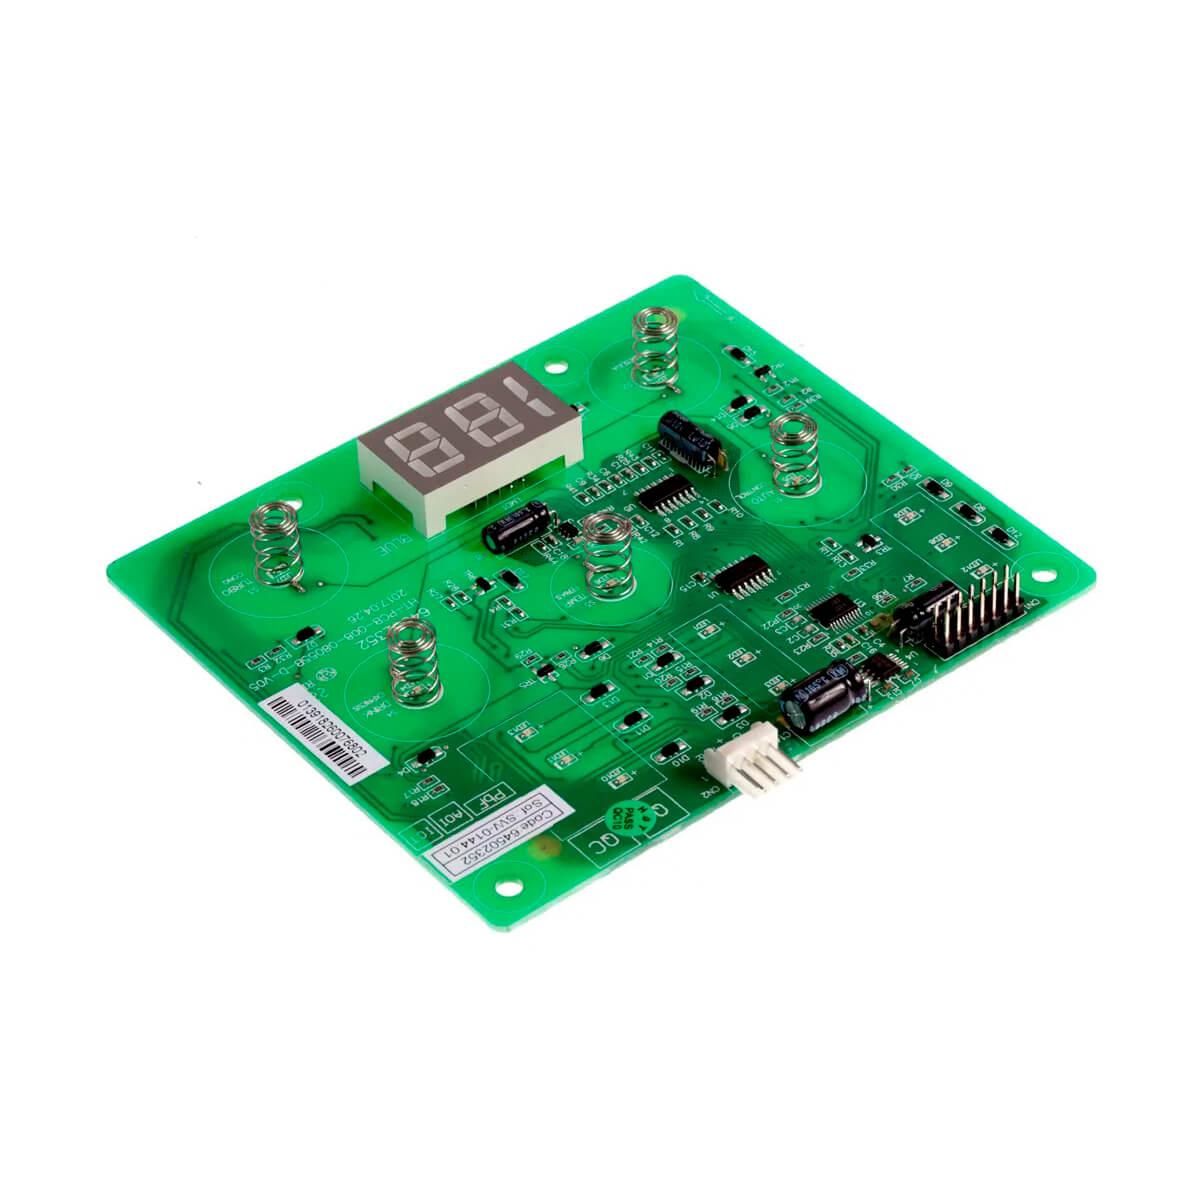 Placa Interface Refrigerador Electrolux DF80 DF80X DW51X DWX51 DWN51 DFW51 - 64502352